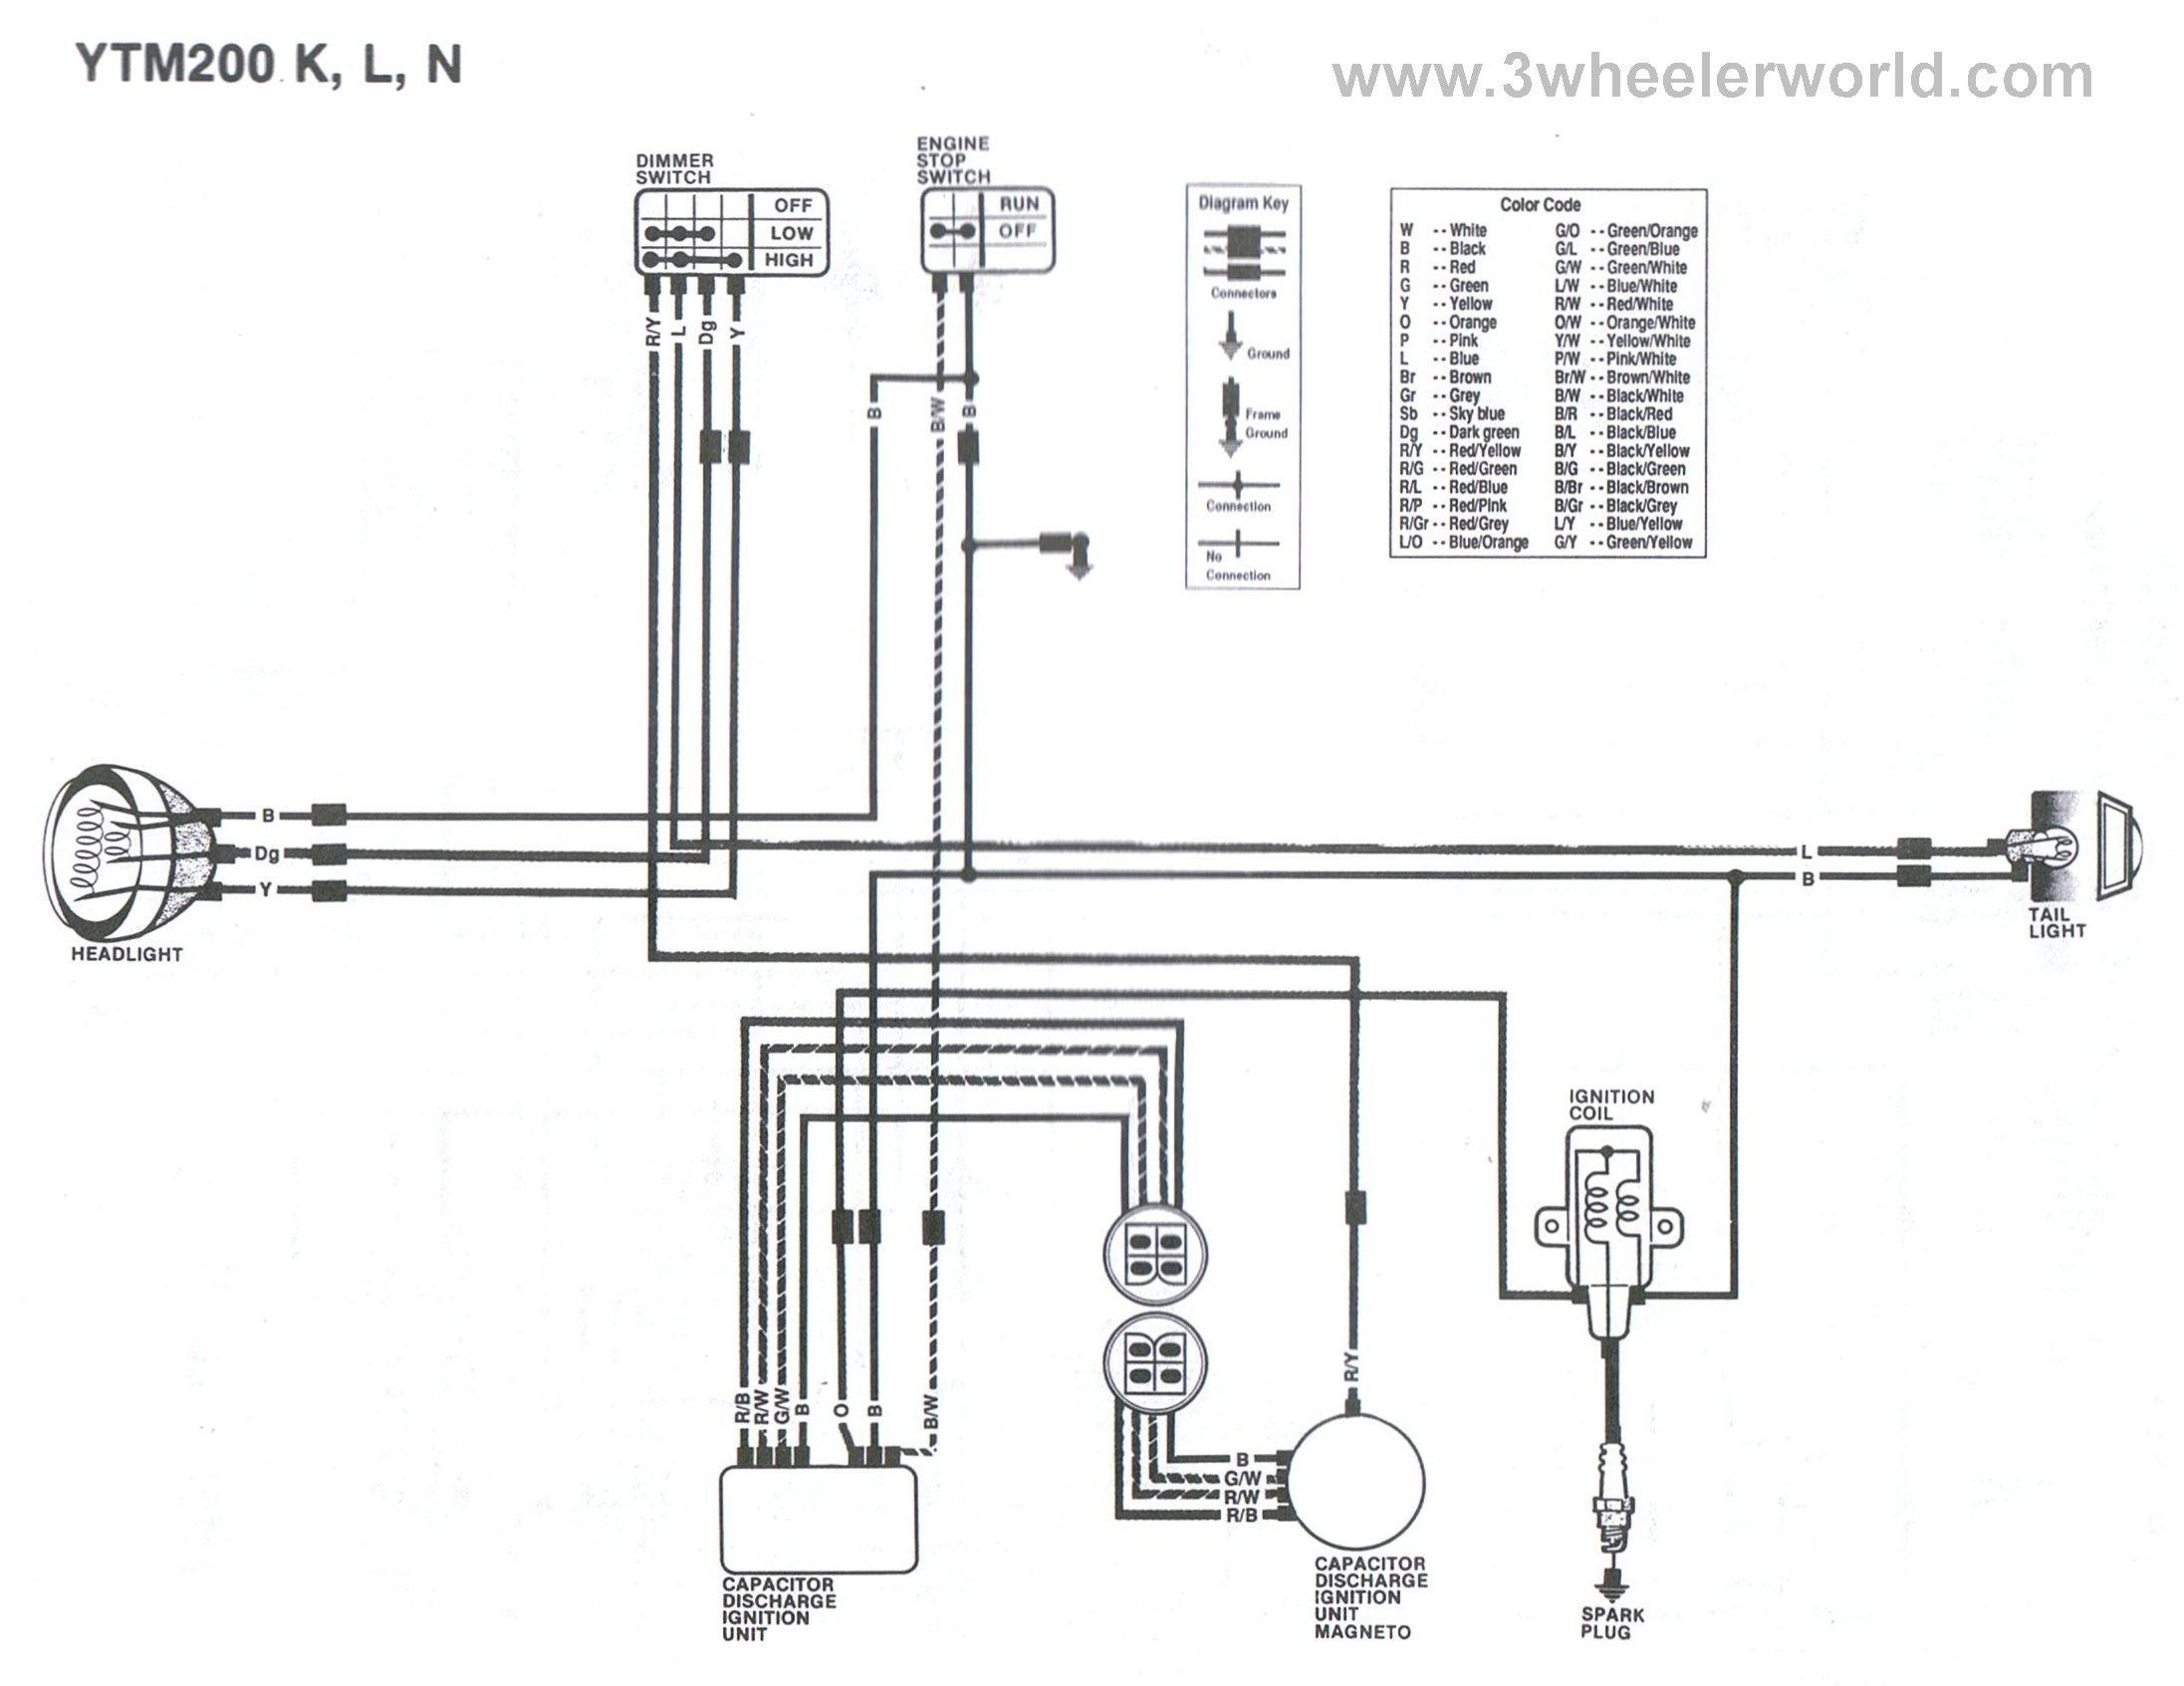 Cdi motorcycle wiring diagram chinese 110cc atv wiring diagram cdi motorcycle wiring diagram wiring diagram image dc cdi motorcycle wiring diagram motorcycle wiring diagram best asfbconference2016 Gallery